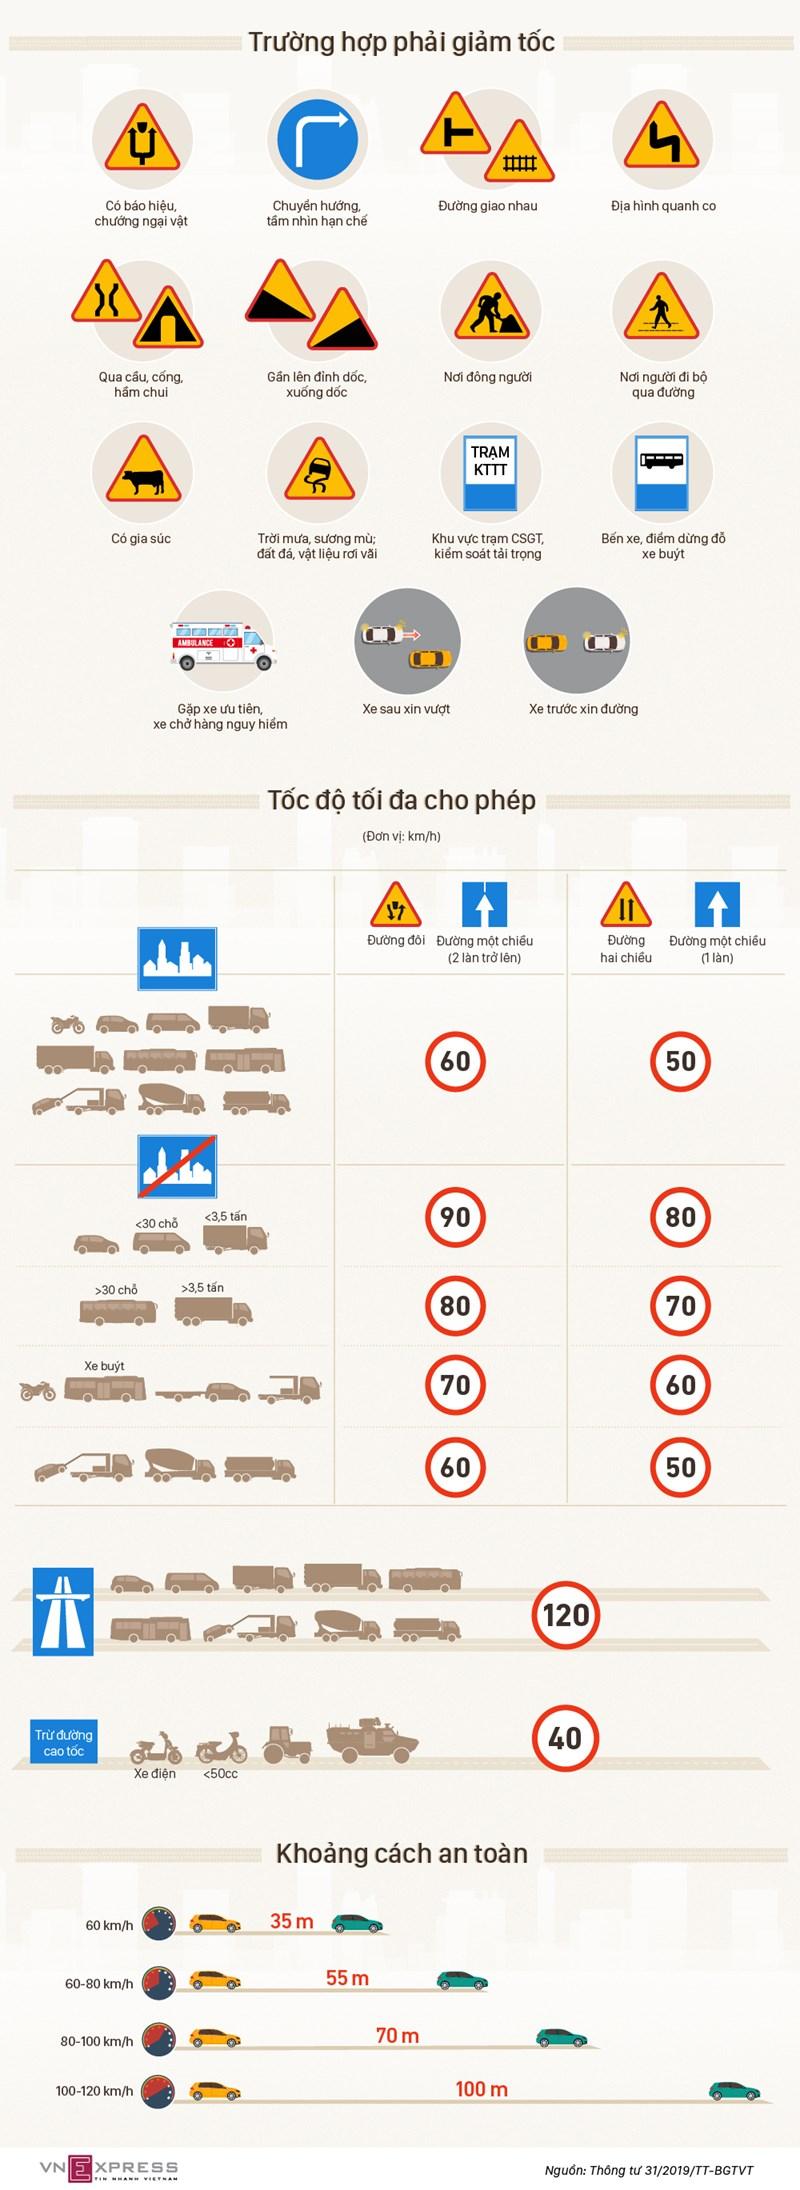 [Infographics] 12 trường hợp tài xế phải giảm tốc độ - Ảnh 1